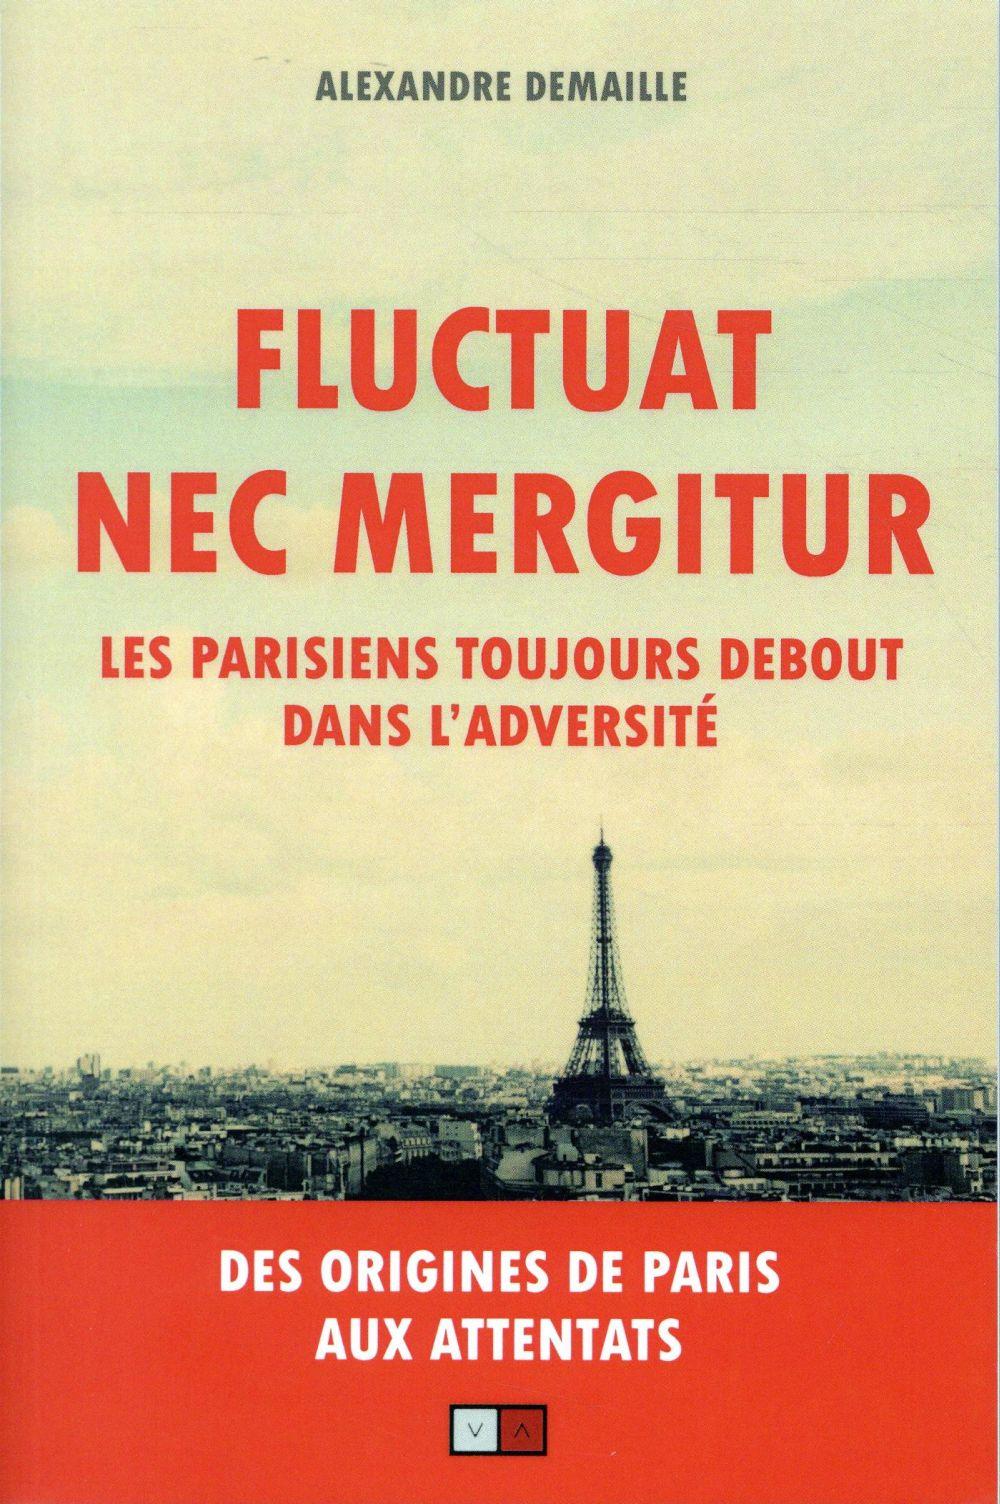 FLUCTUAT NEC MERGITUR - LES PARISIENS TOUJOURS DEBOUT DANS L'ADVERSITE